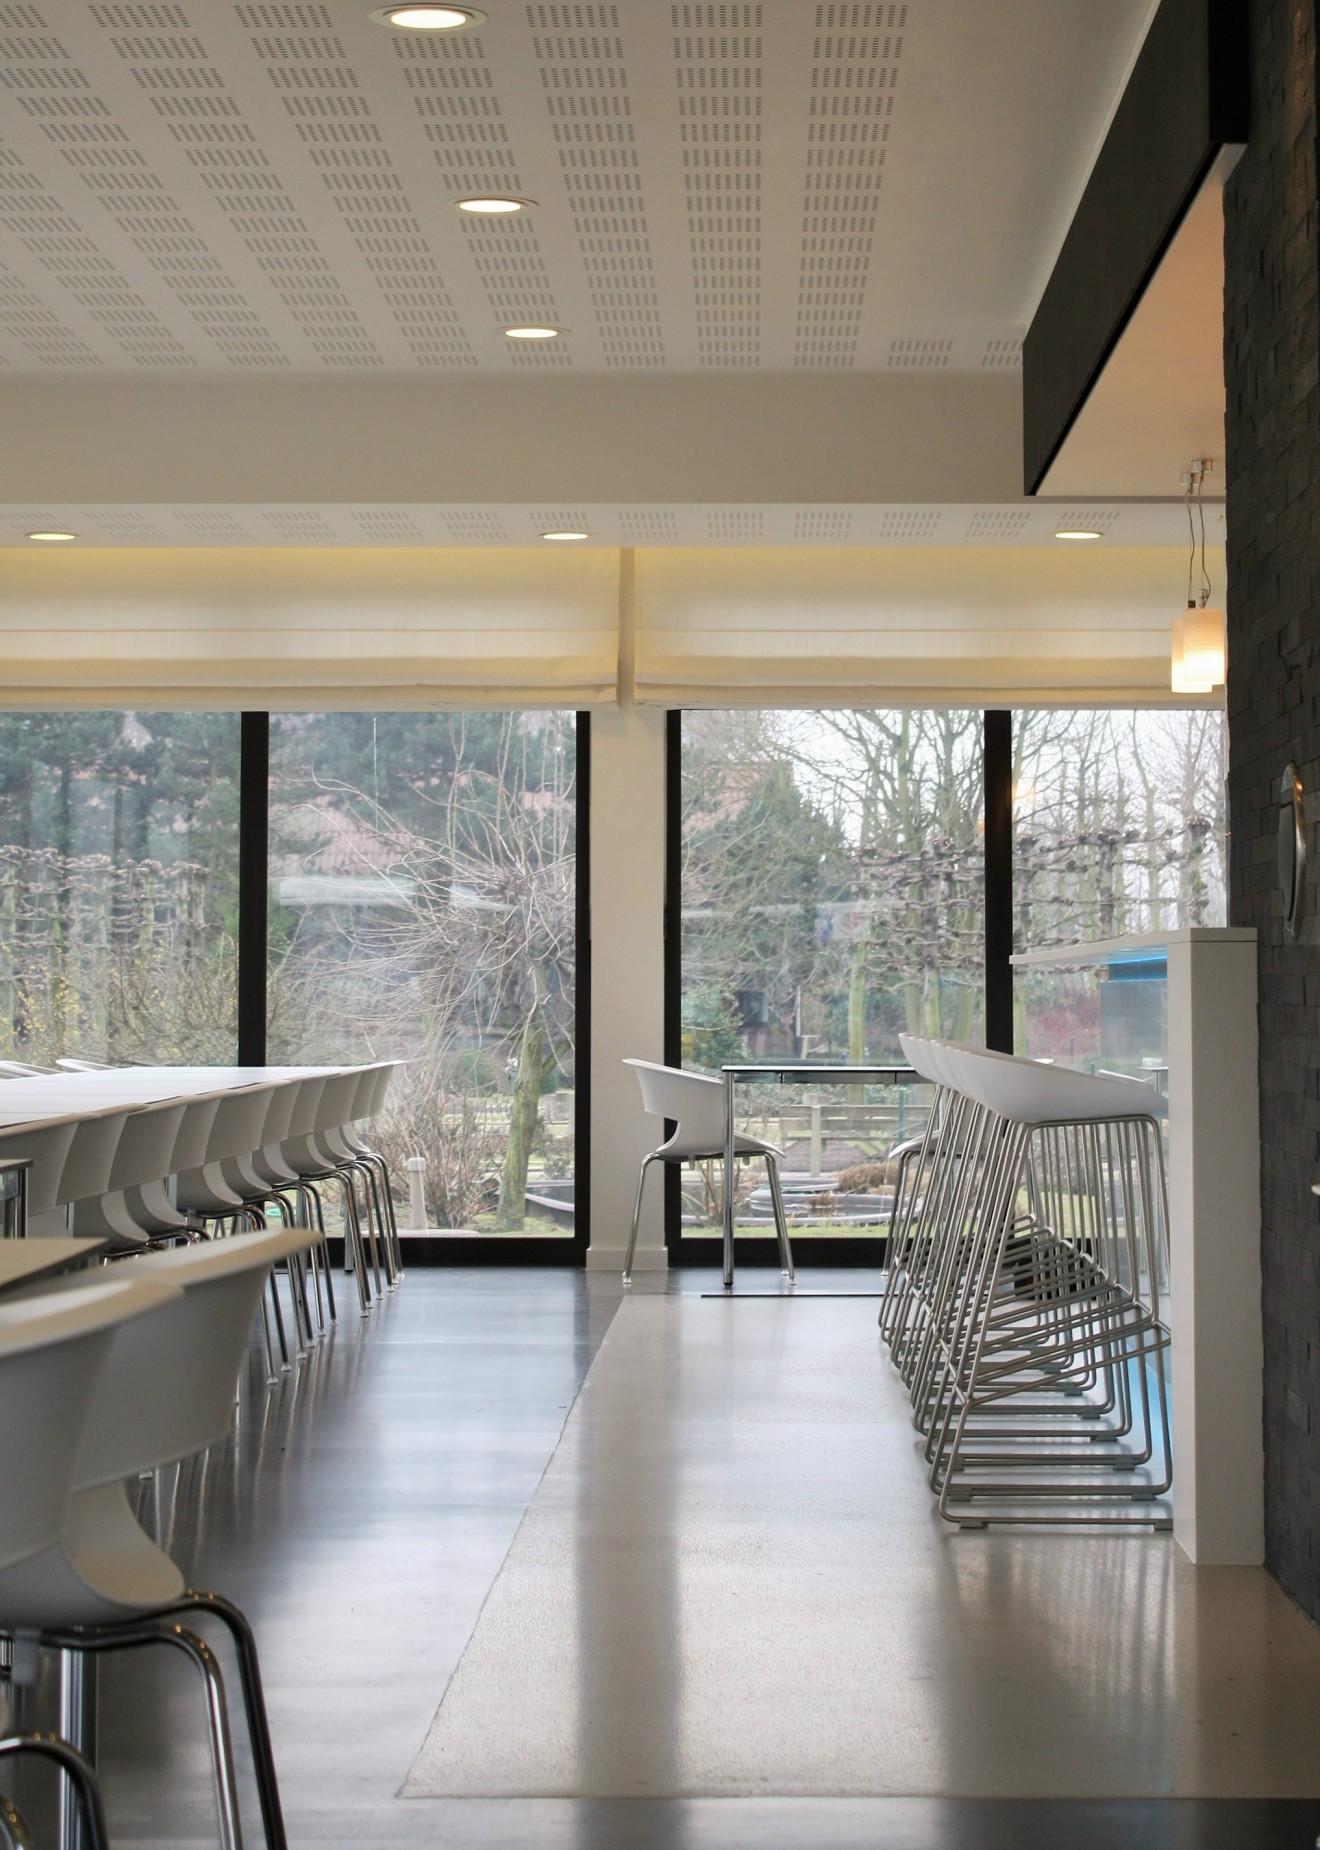 Architect- en ingenieursbureau Andries & Vuylsteke - Renovatie ziekenhuisrestaurant met vip ruimte.